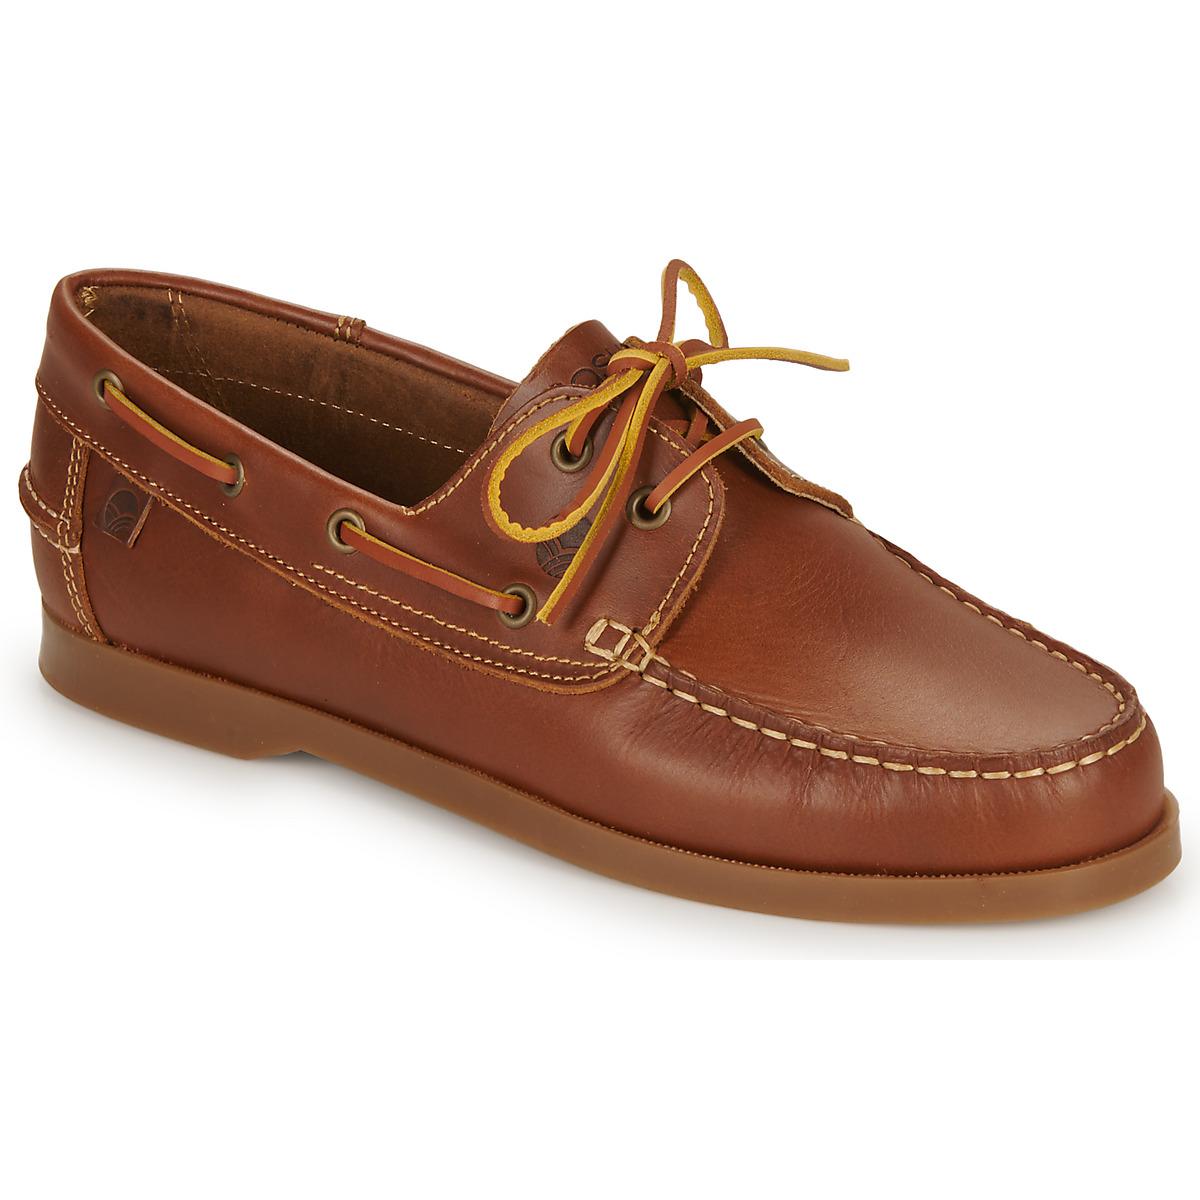 Casual Attitude REVORO Marron Livraison Gratuite avec ! Chaussures Chaussures bateau Homme 59,99 €